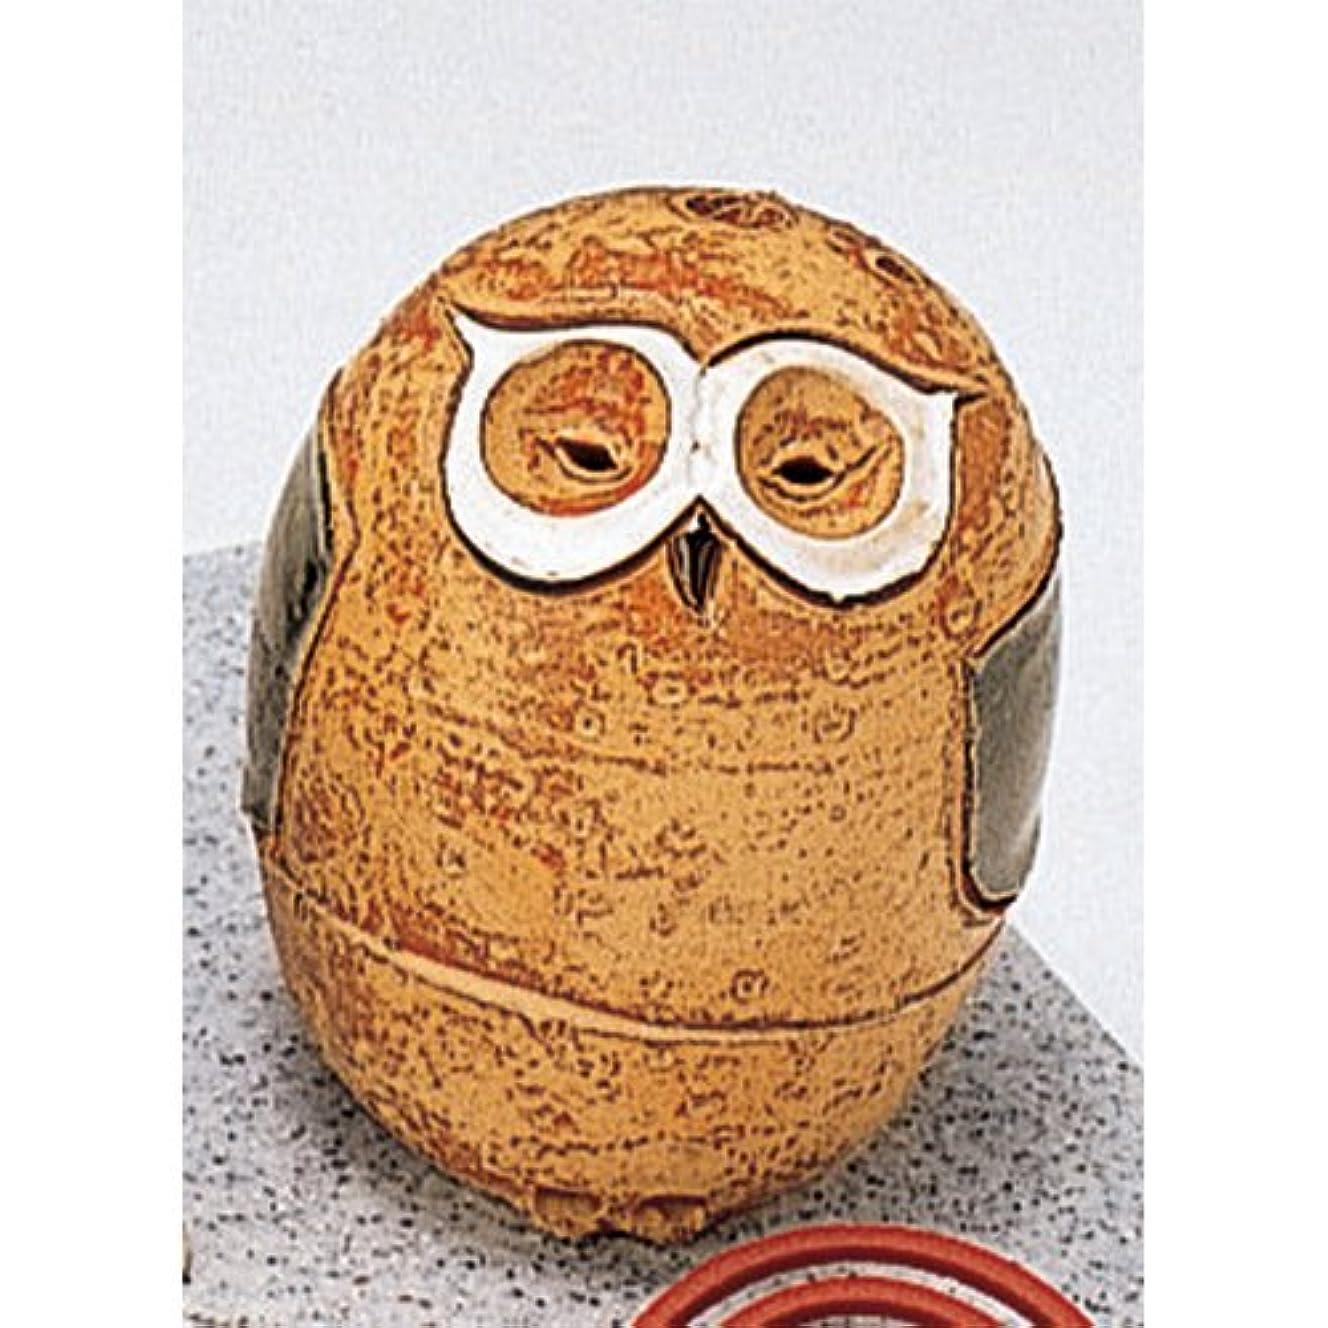 香炉 フクロウ 香炉(大) [R7xH9.3cm] HANDMADE プレゼント ギフト 和食器 かわいい インテリア